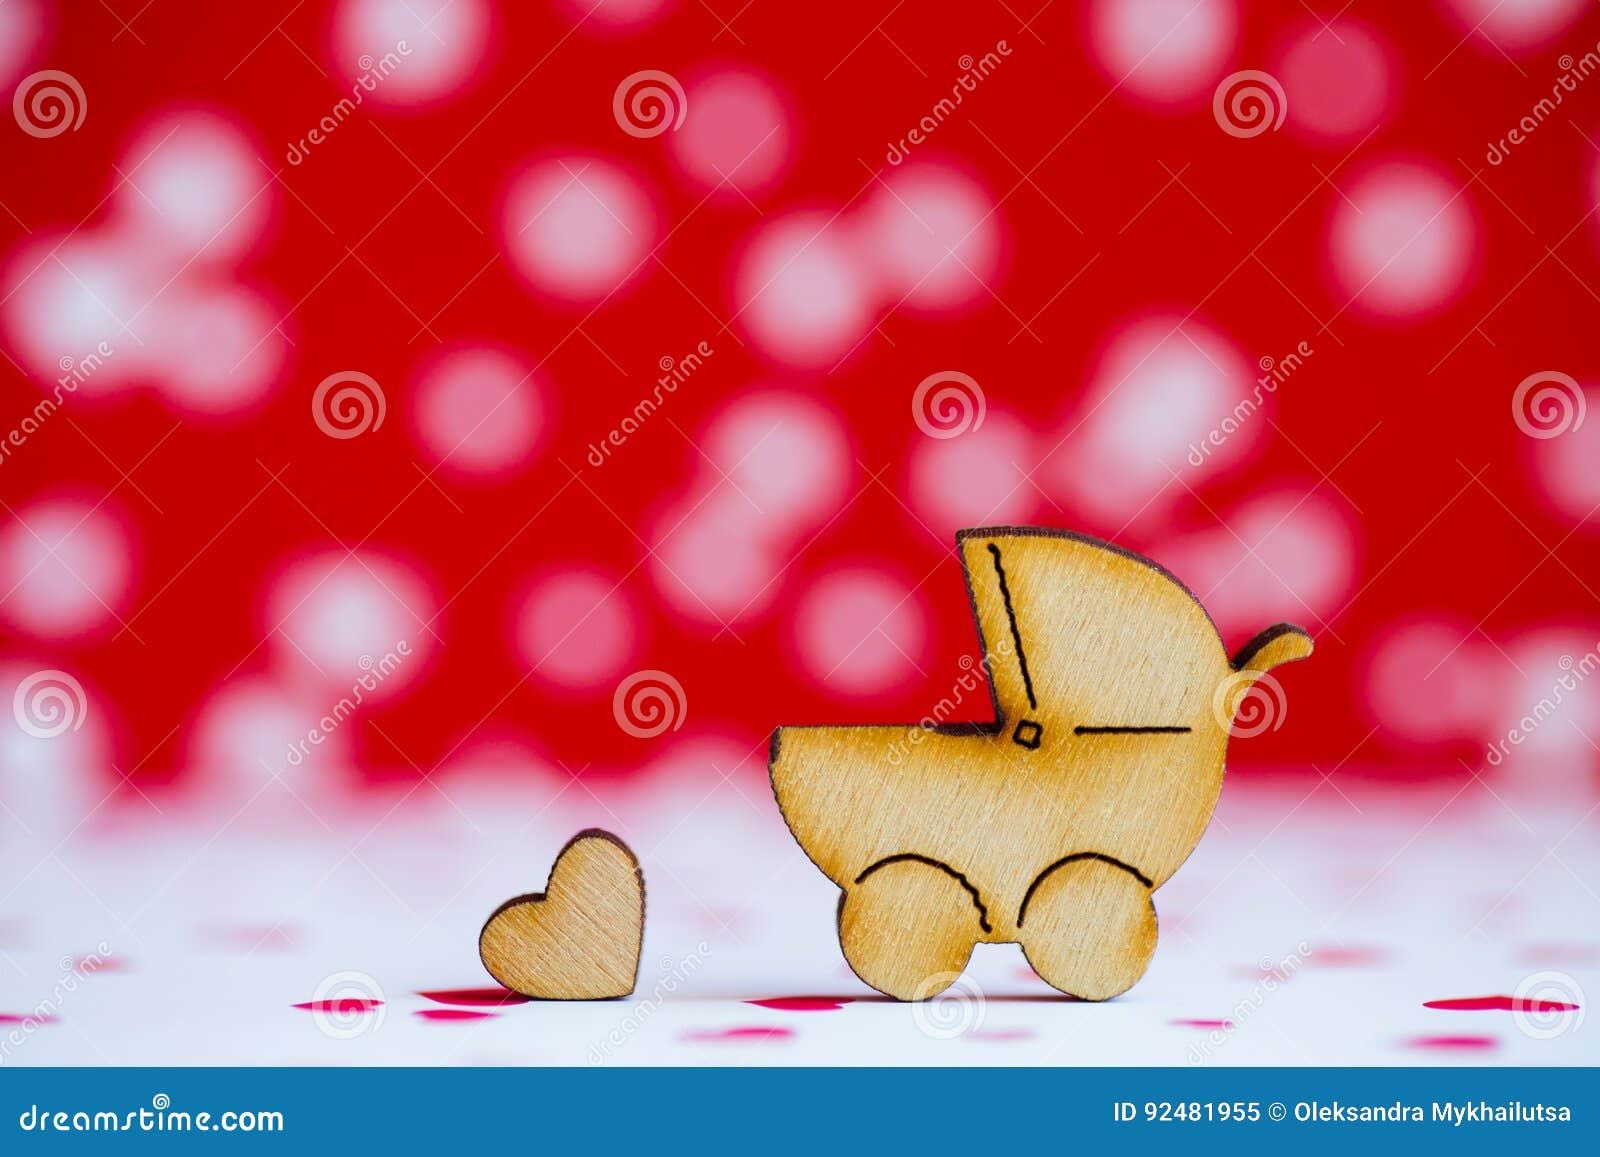 Drewniana ikona dziecko powozik i mały serce na plecy czerwonym i białym